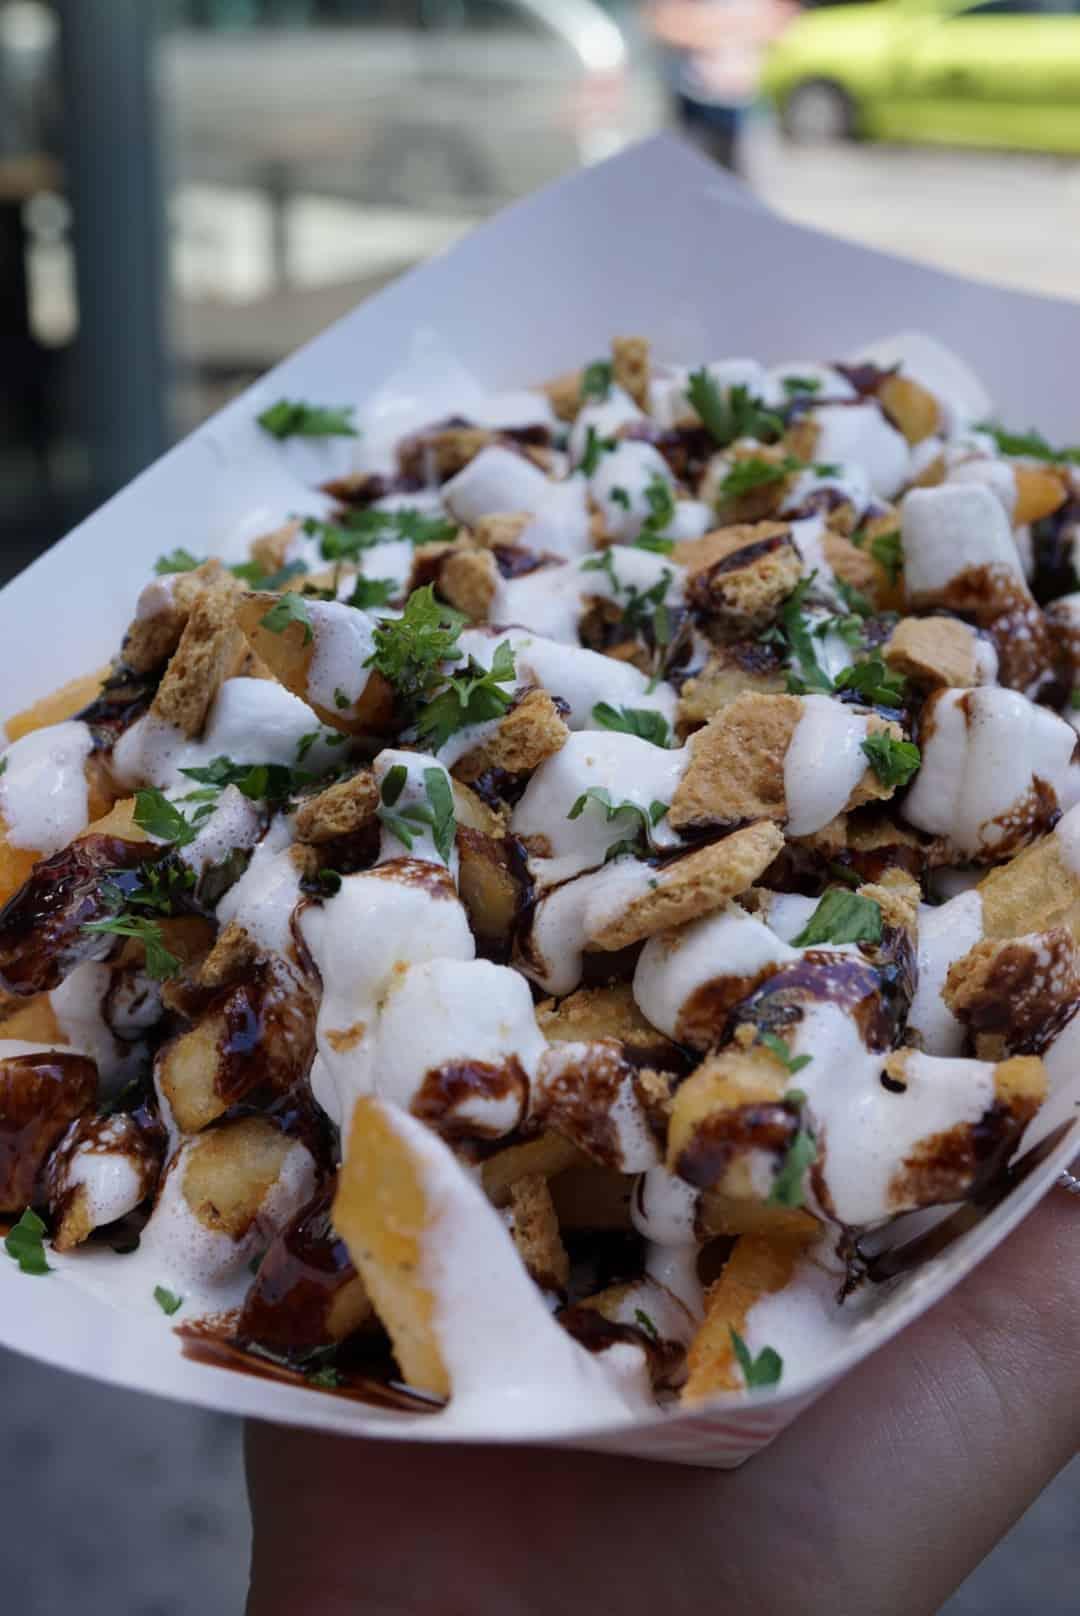 Travel Tuesday: NYC Food Tour Part 1 - JZ Eats